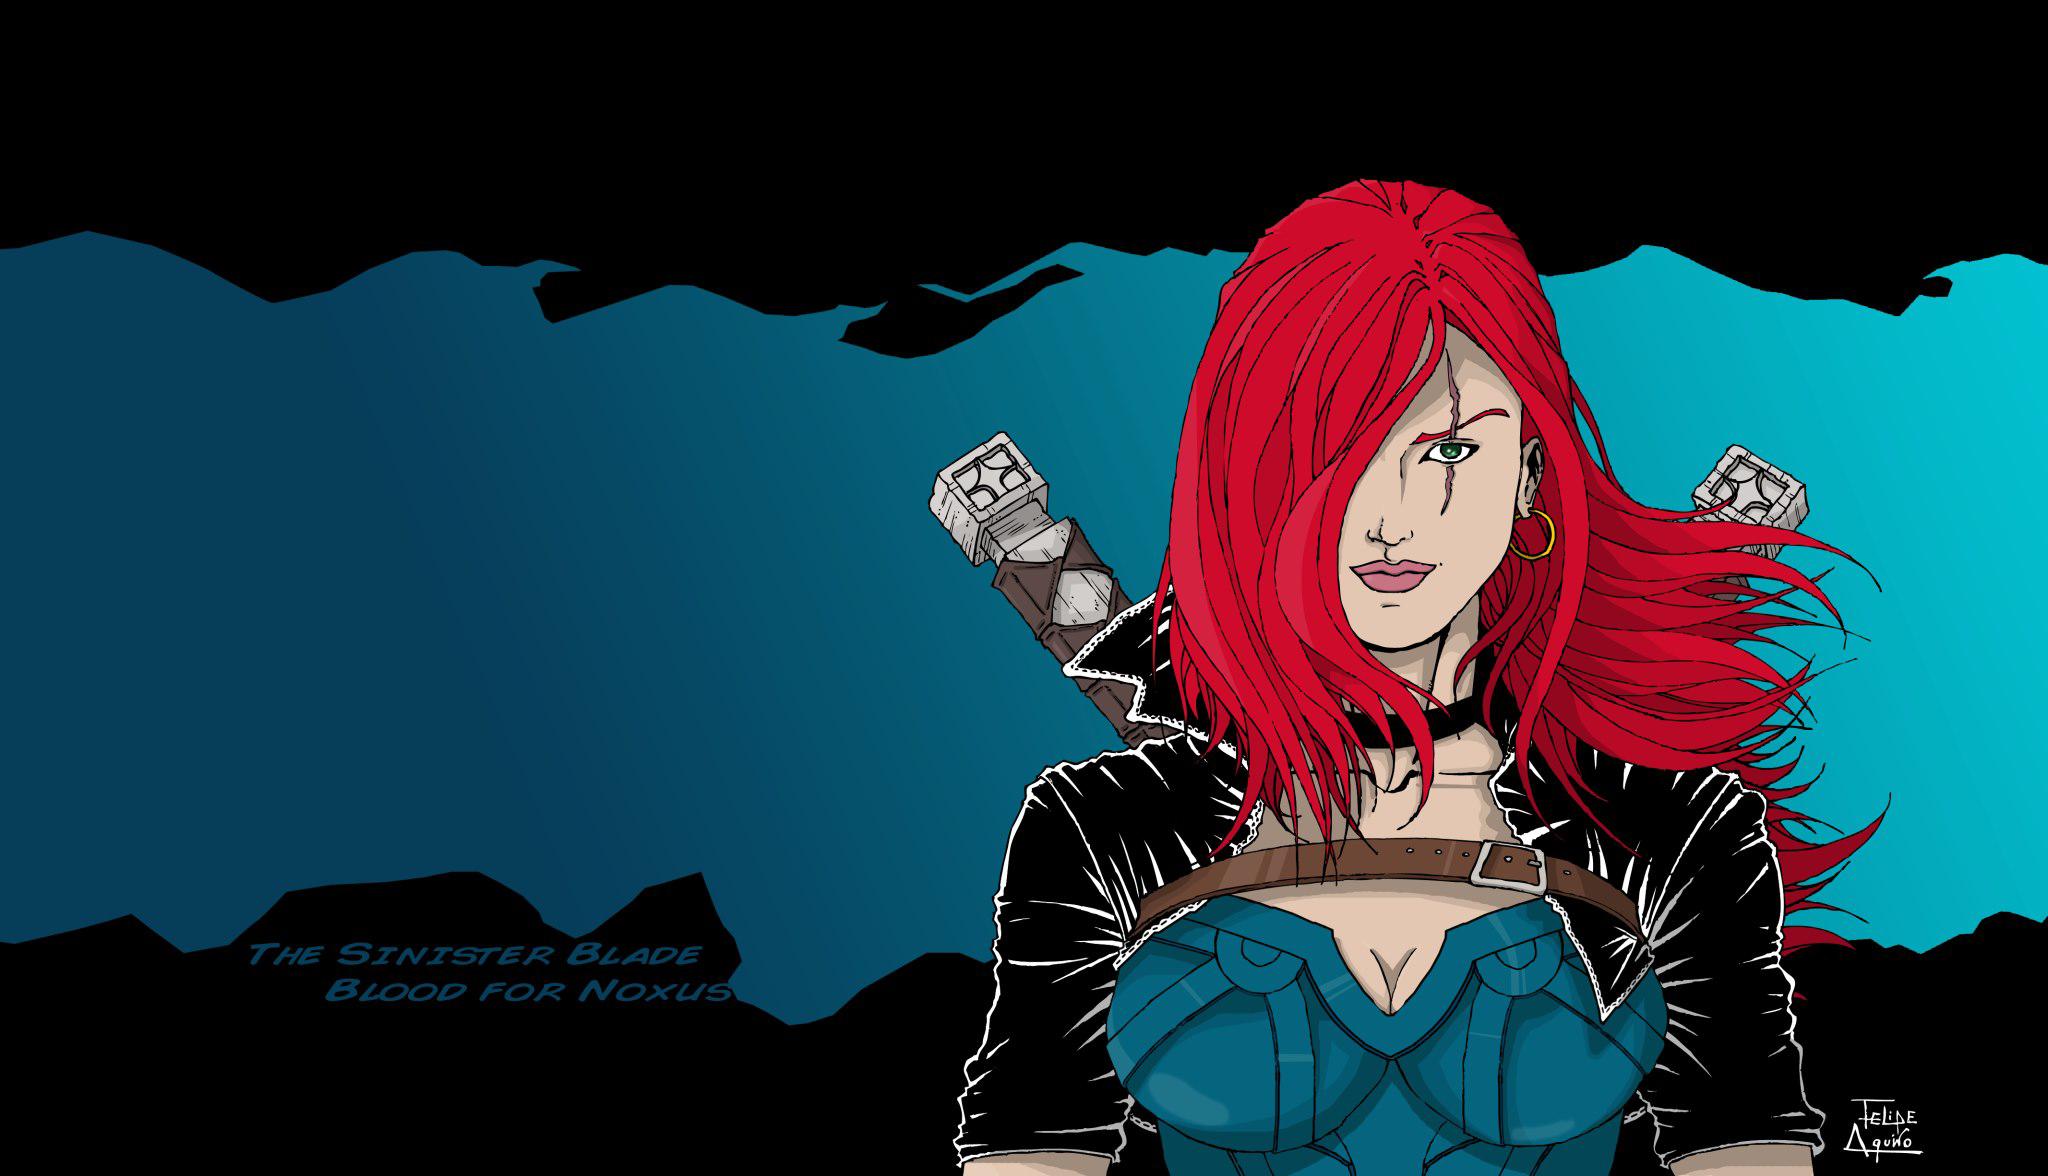 Katarina - The Sinister Blade